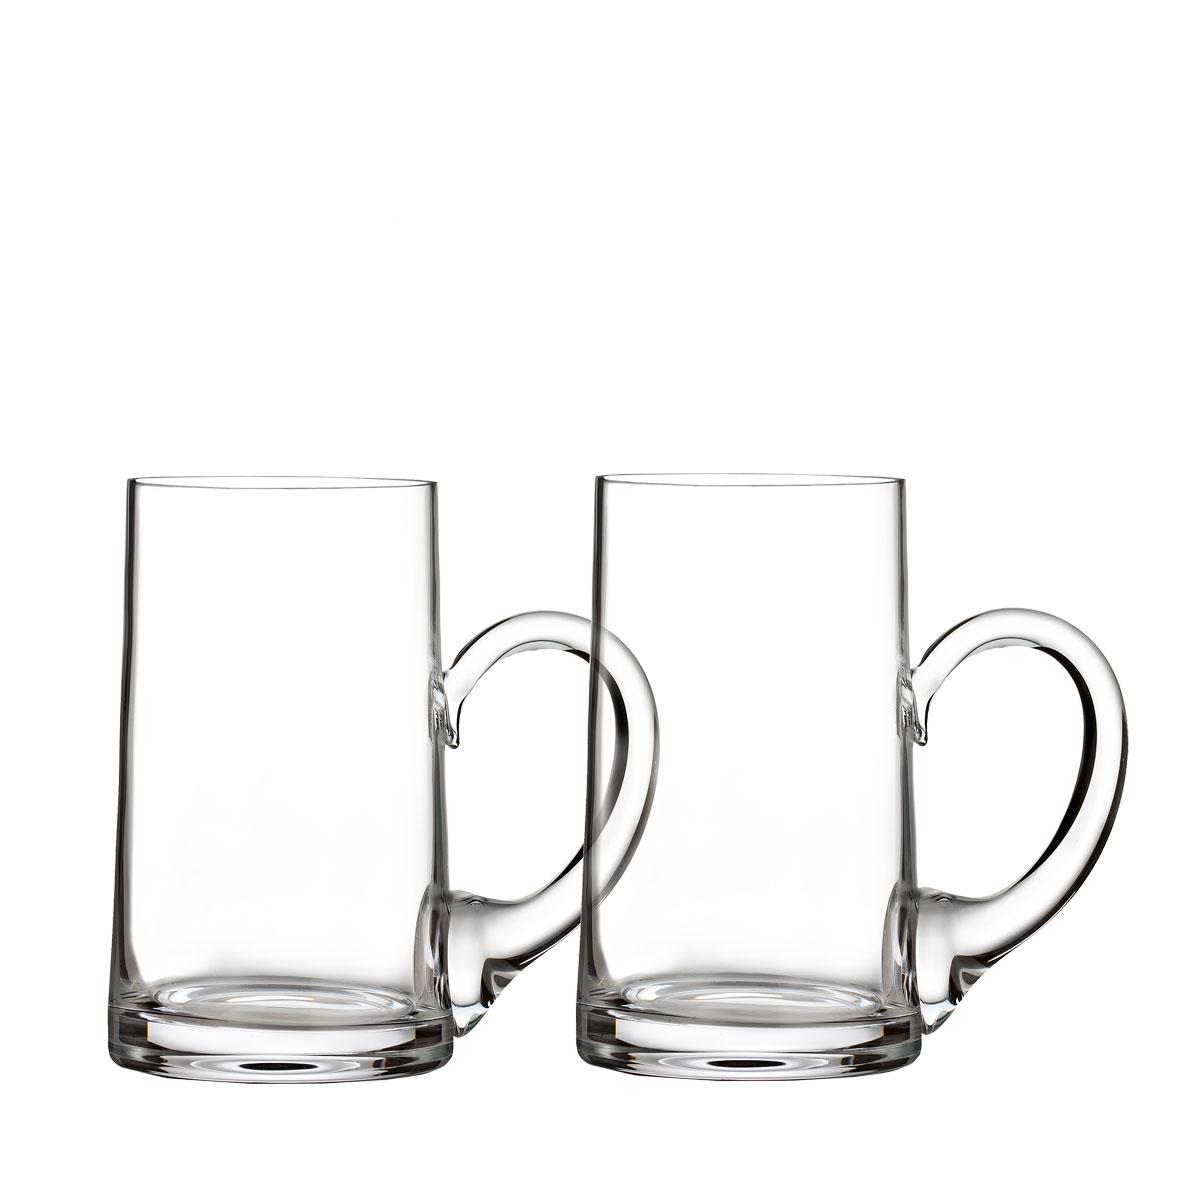 Waterford Crystal, Elegance Beer Mugs, Pair